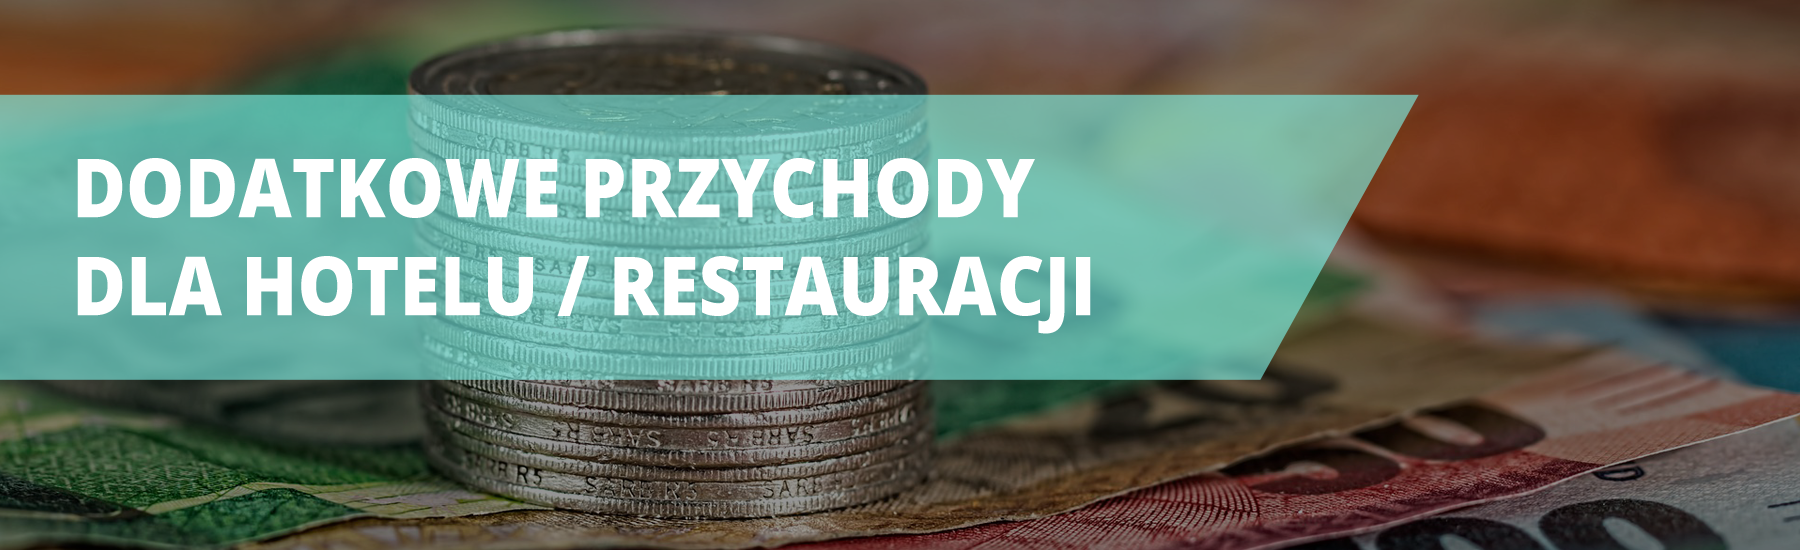 dodatkowe przychody dla hotelu i restauracji